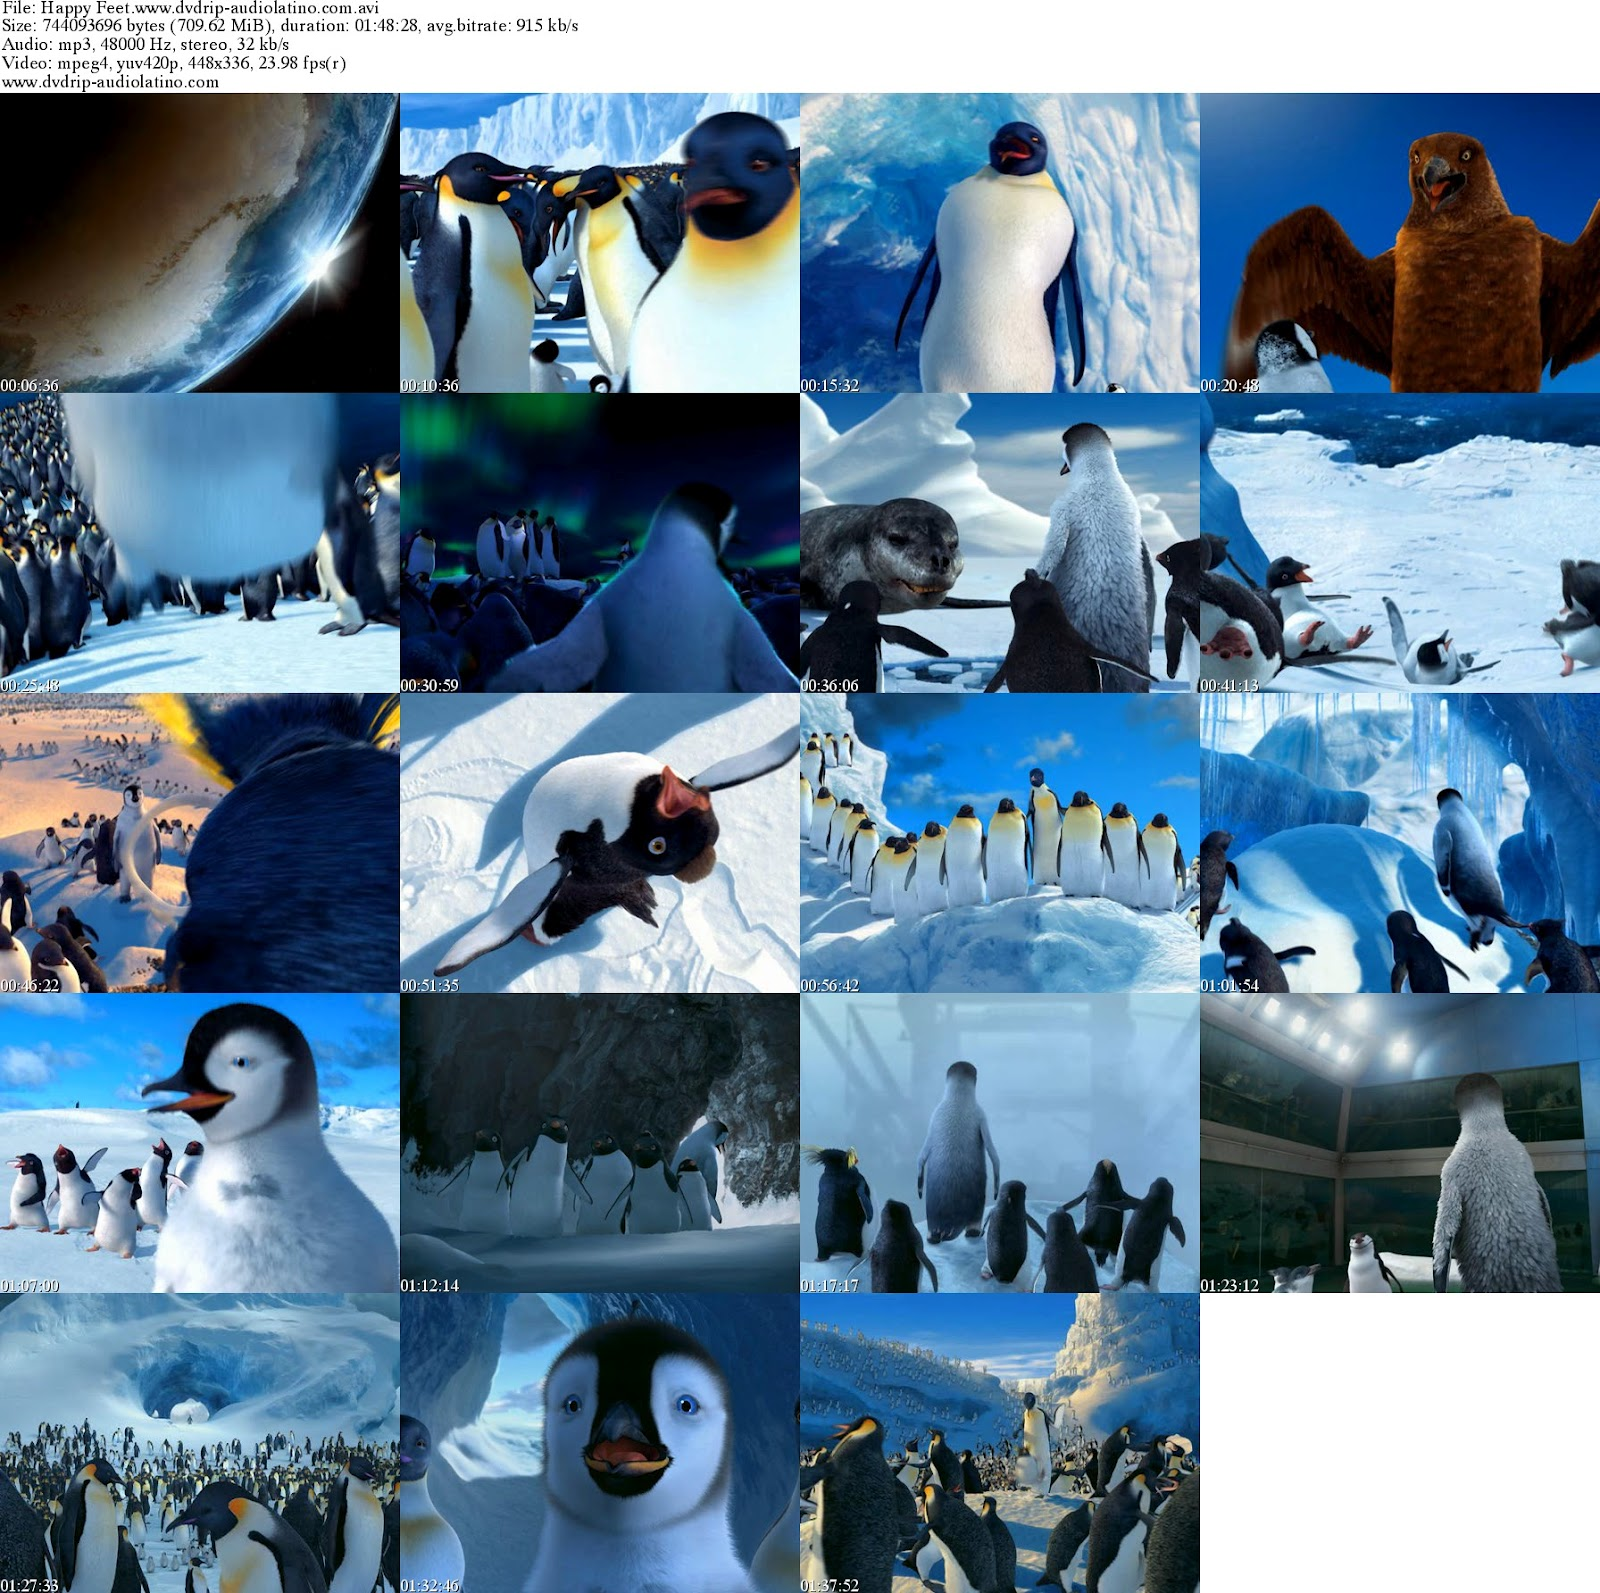 Happy Feet DVDRip 2006 - Bing images